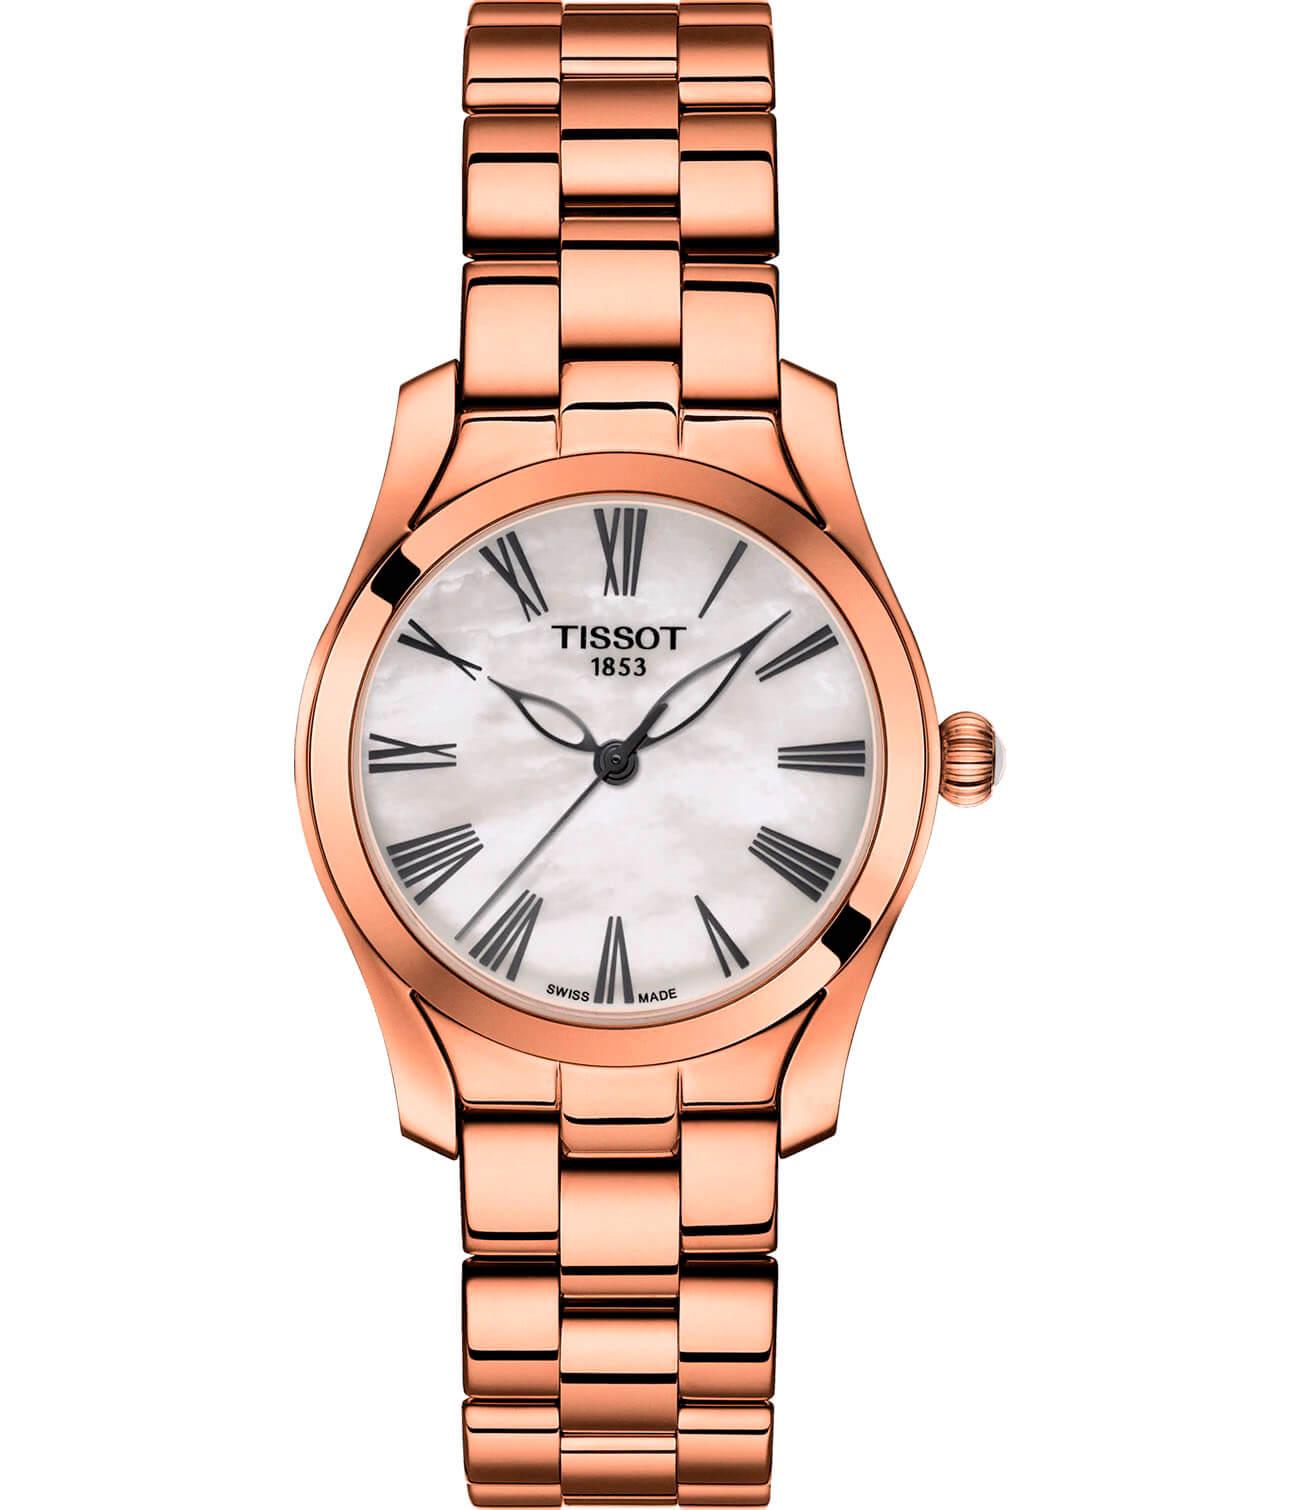 Официальный производителя сайт стоимость часы tissot женские часов швейцарских москве ломбарды часовые в